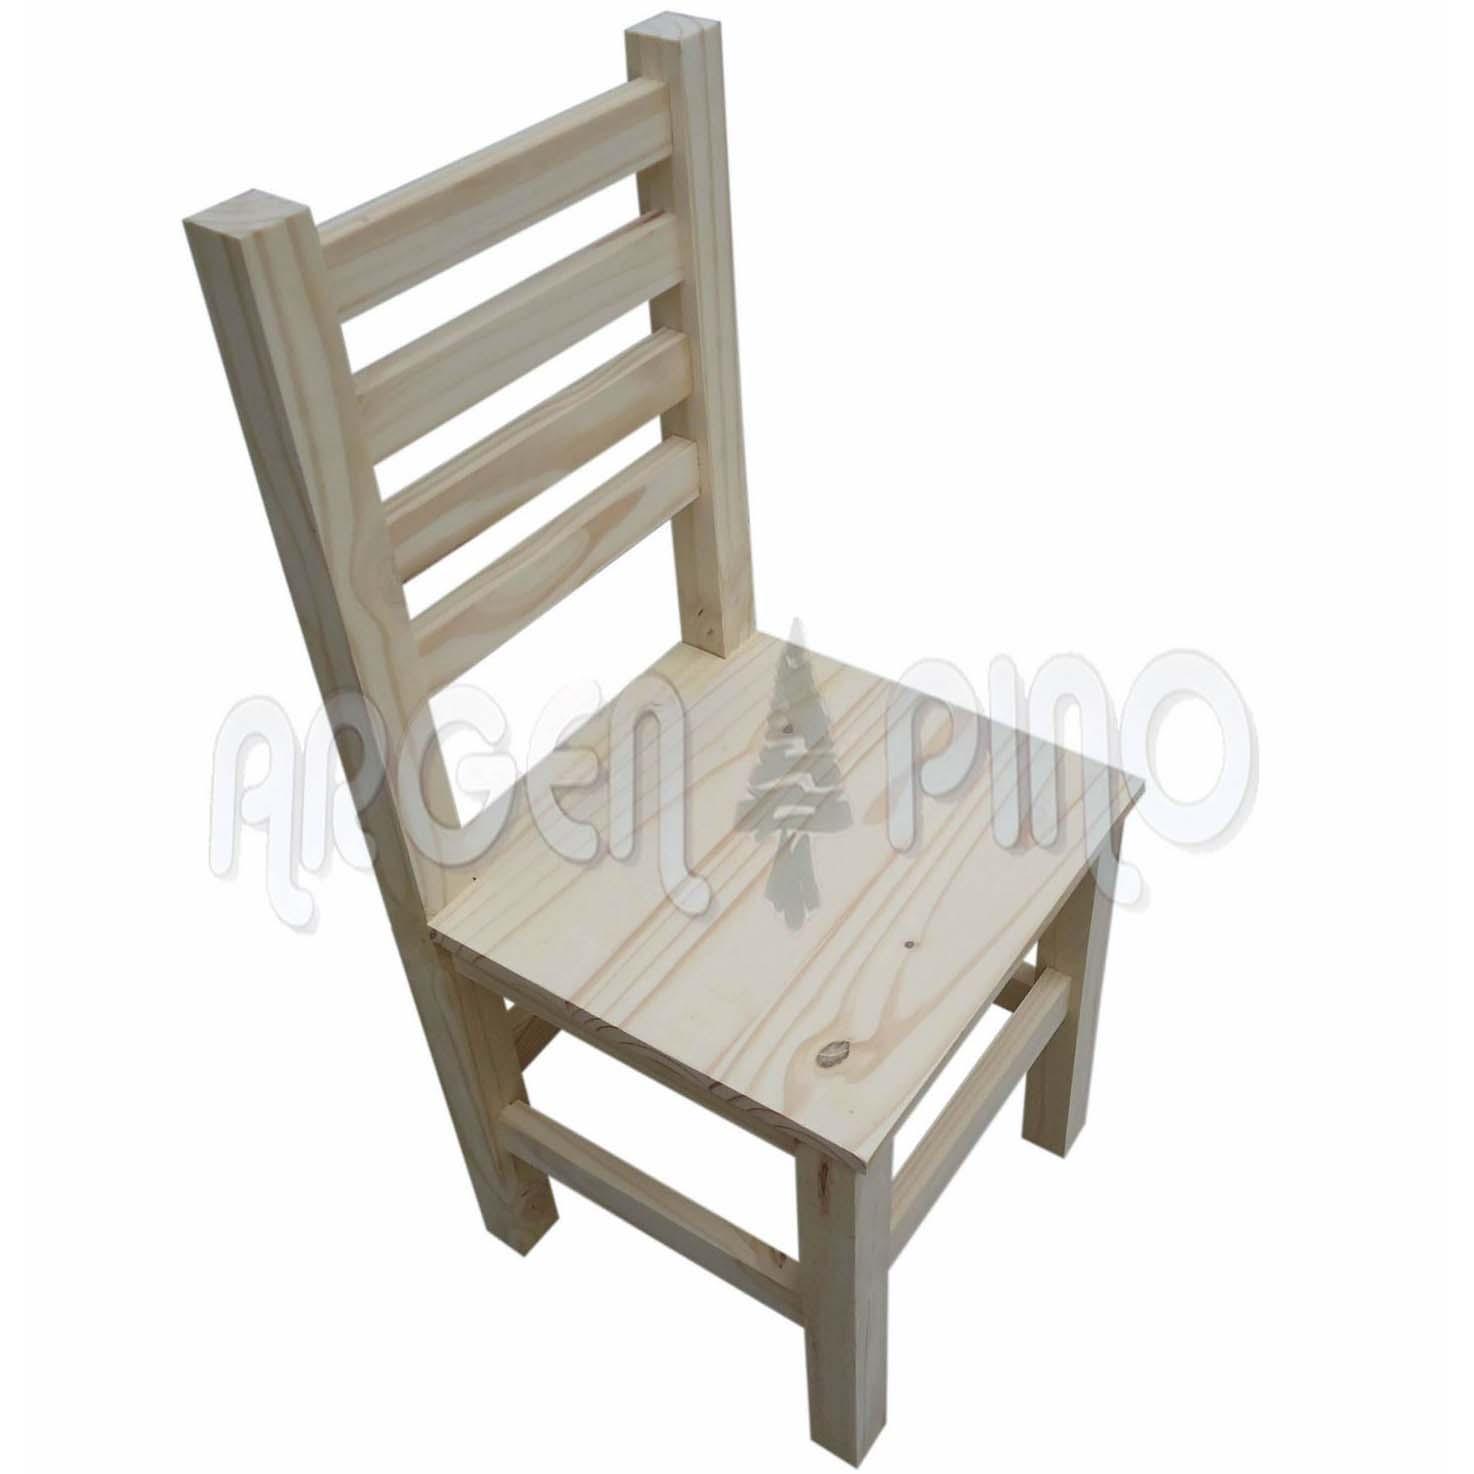 Argenpino fabrica de muebles en madera de pino for Fabrica de muebles de oficina zona oeste